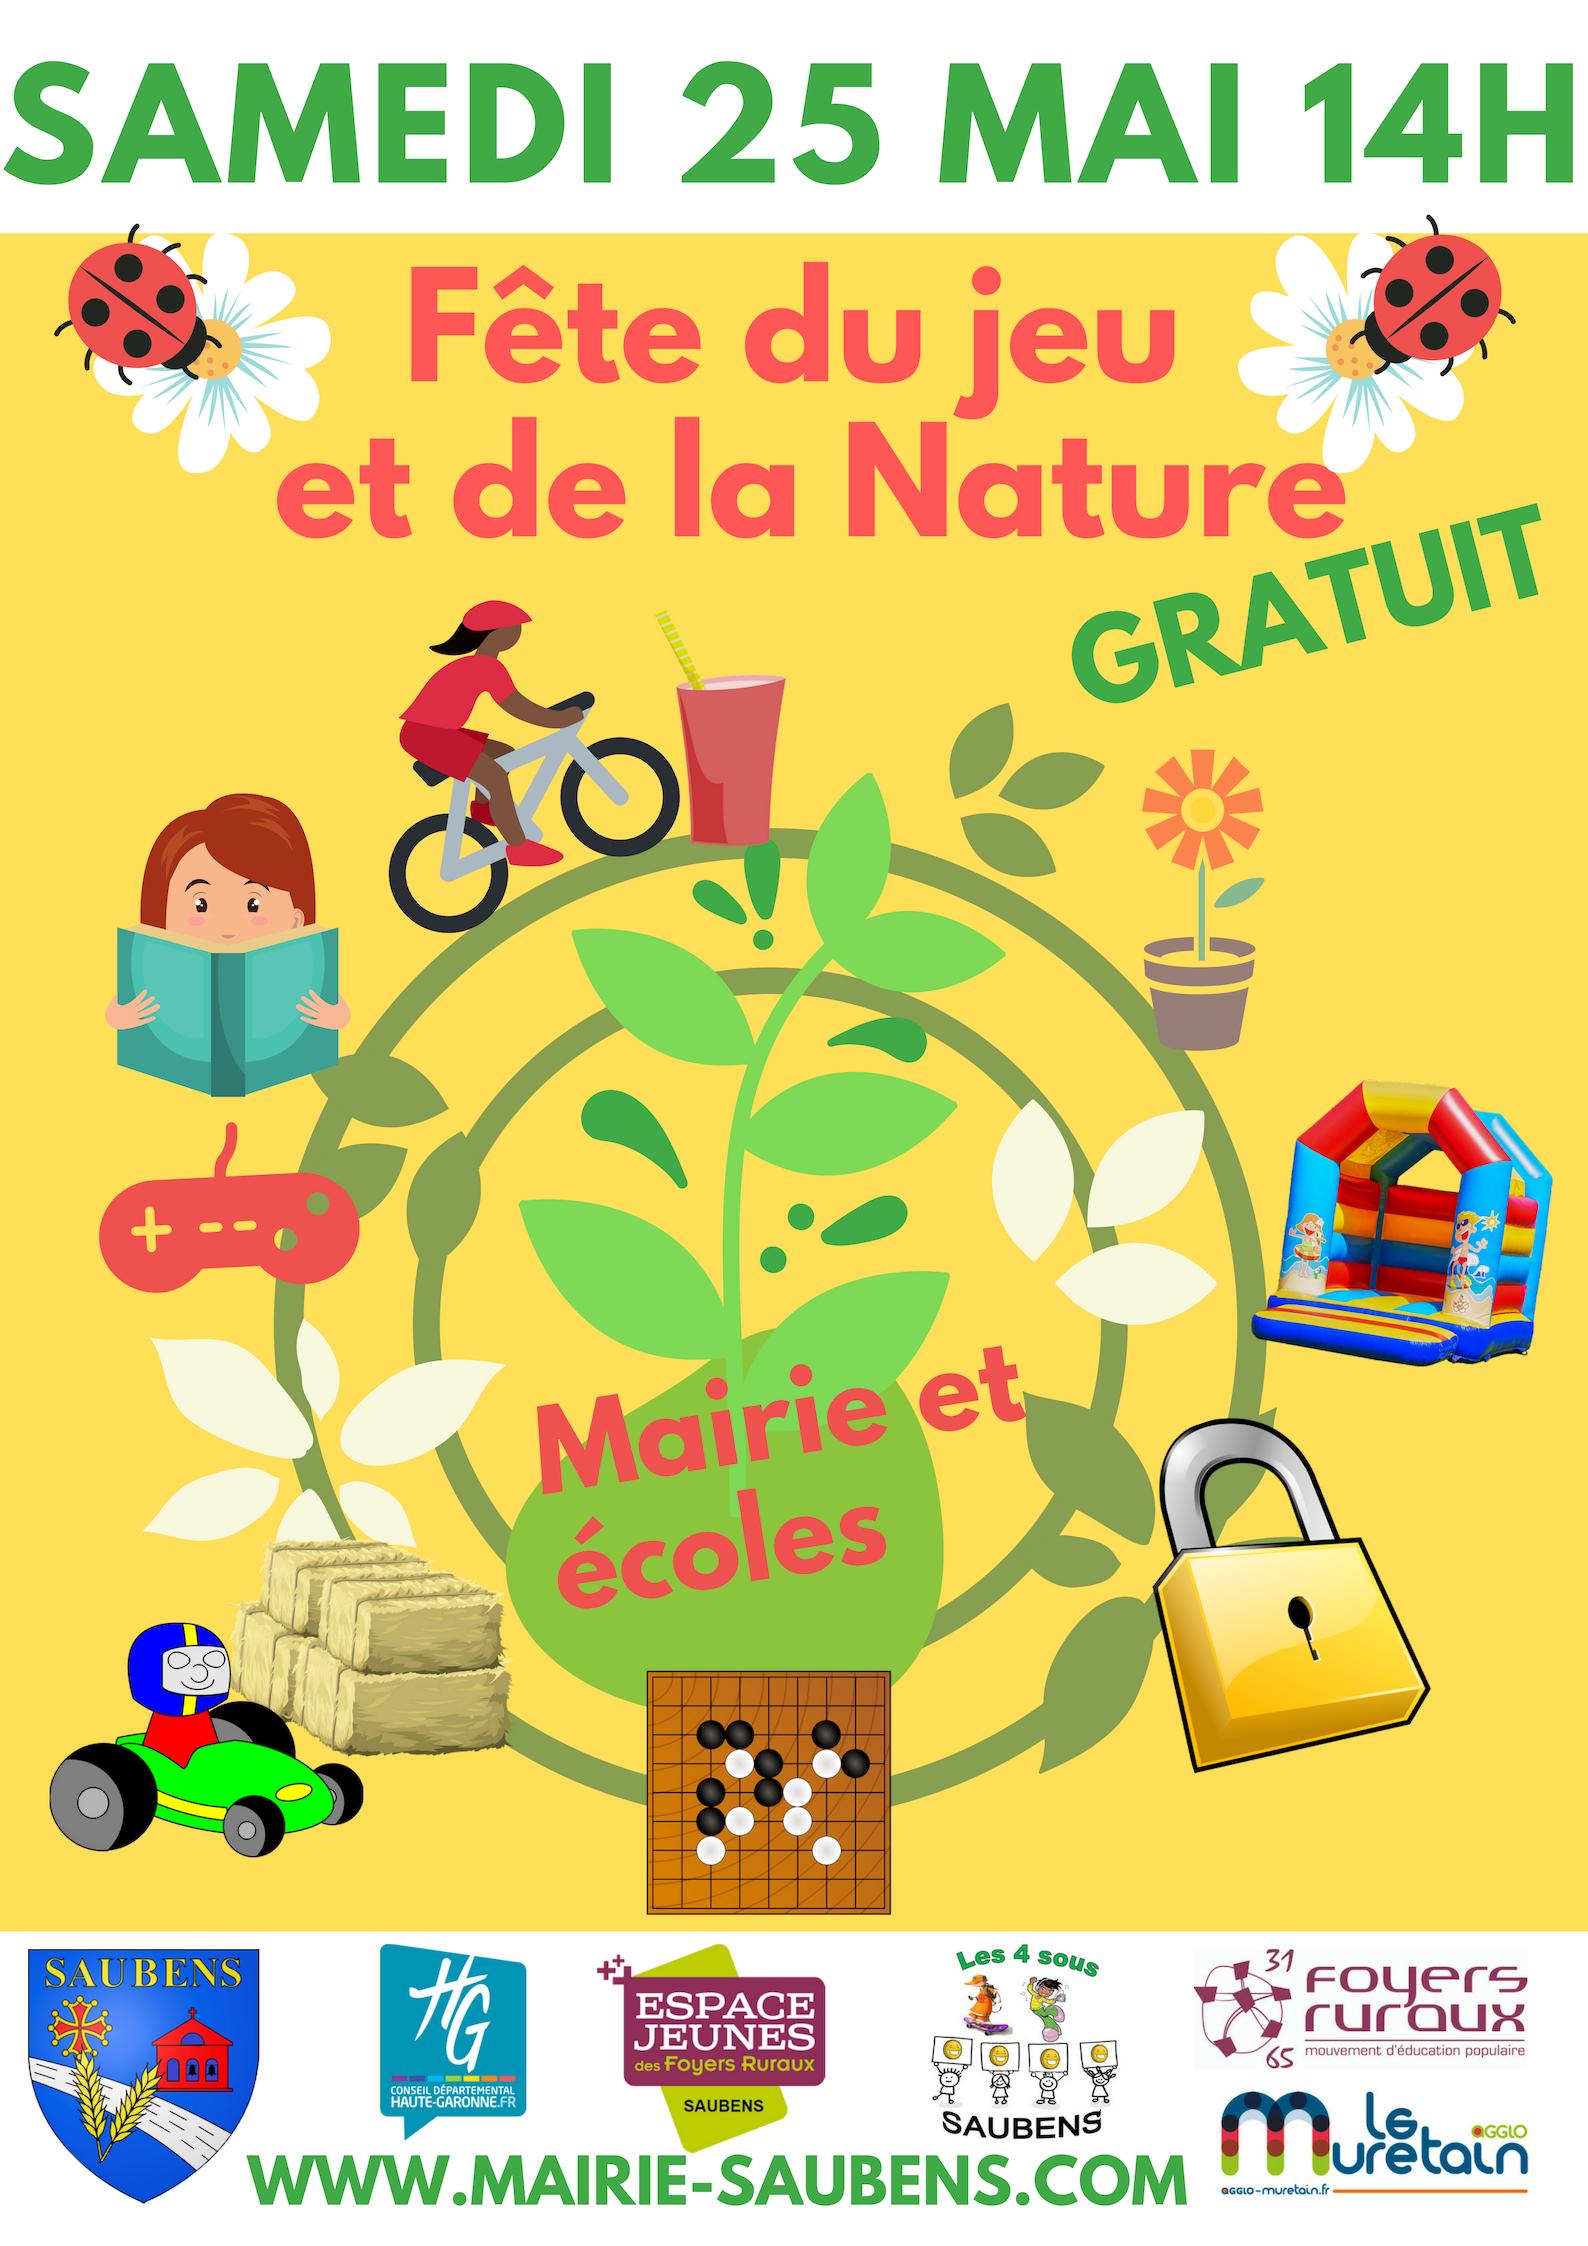 Fête du jeu et de la Nature